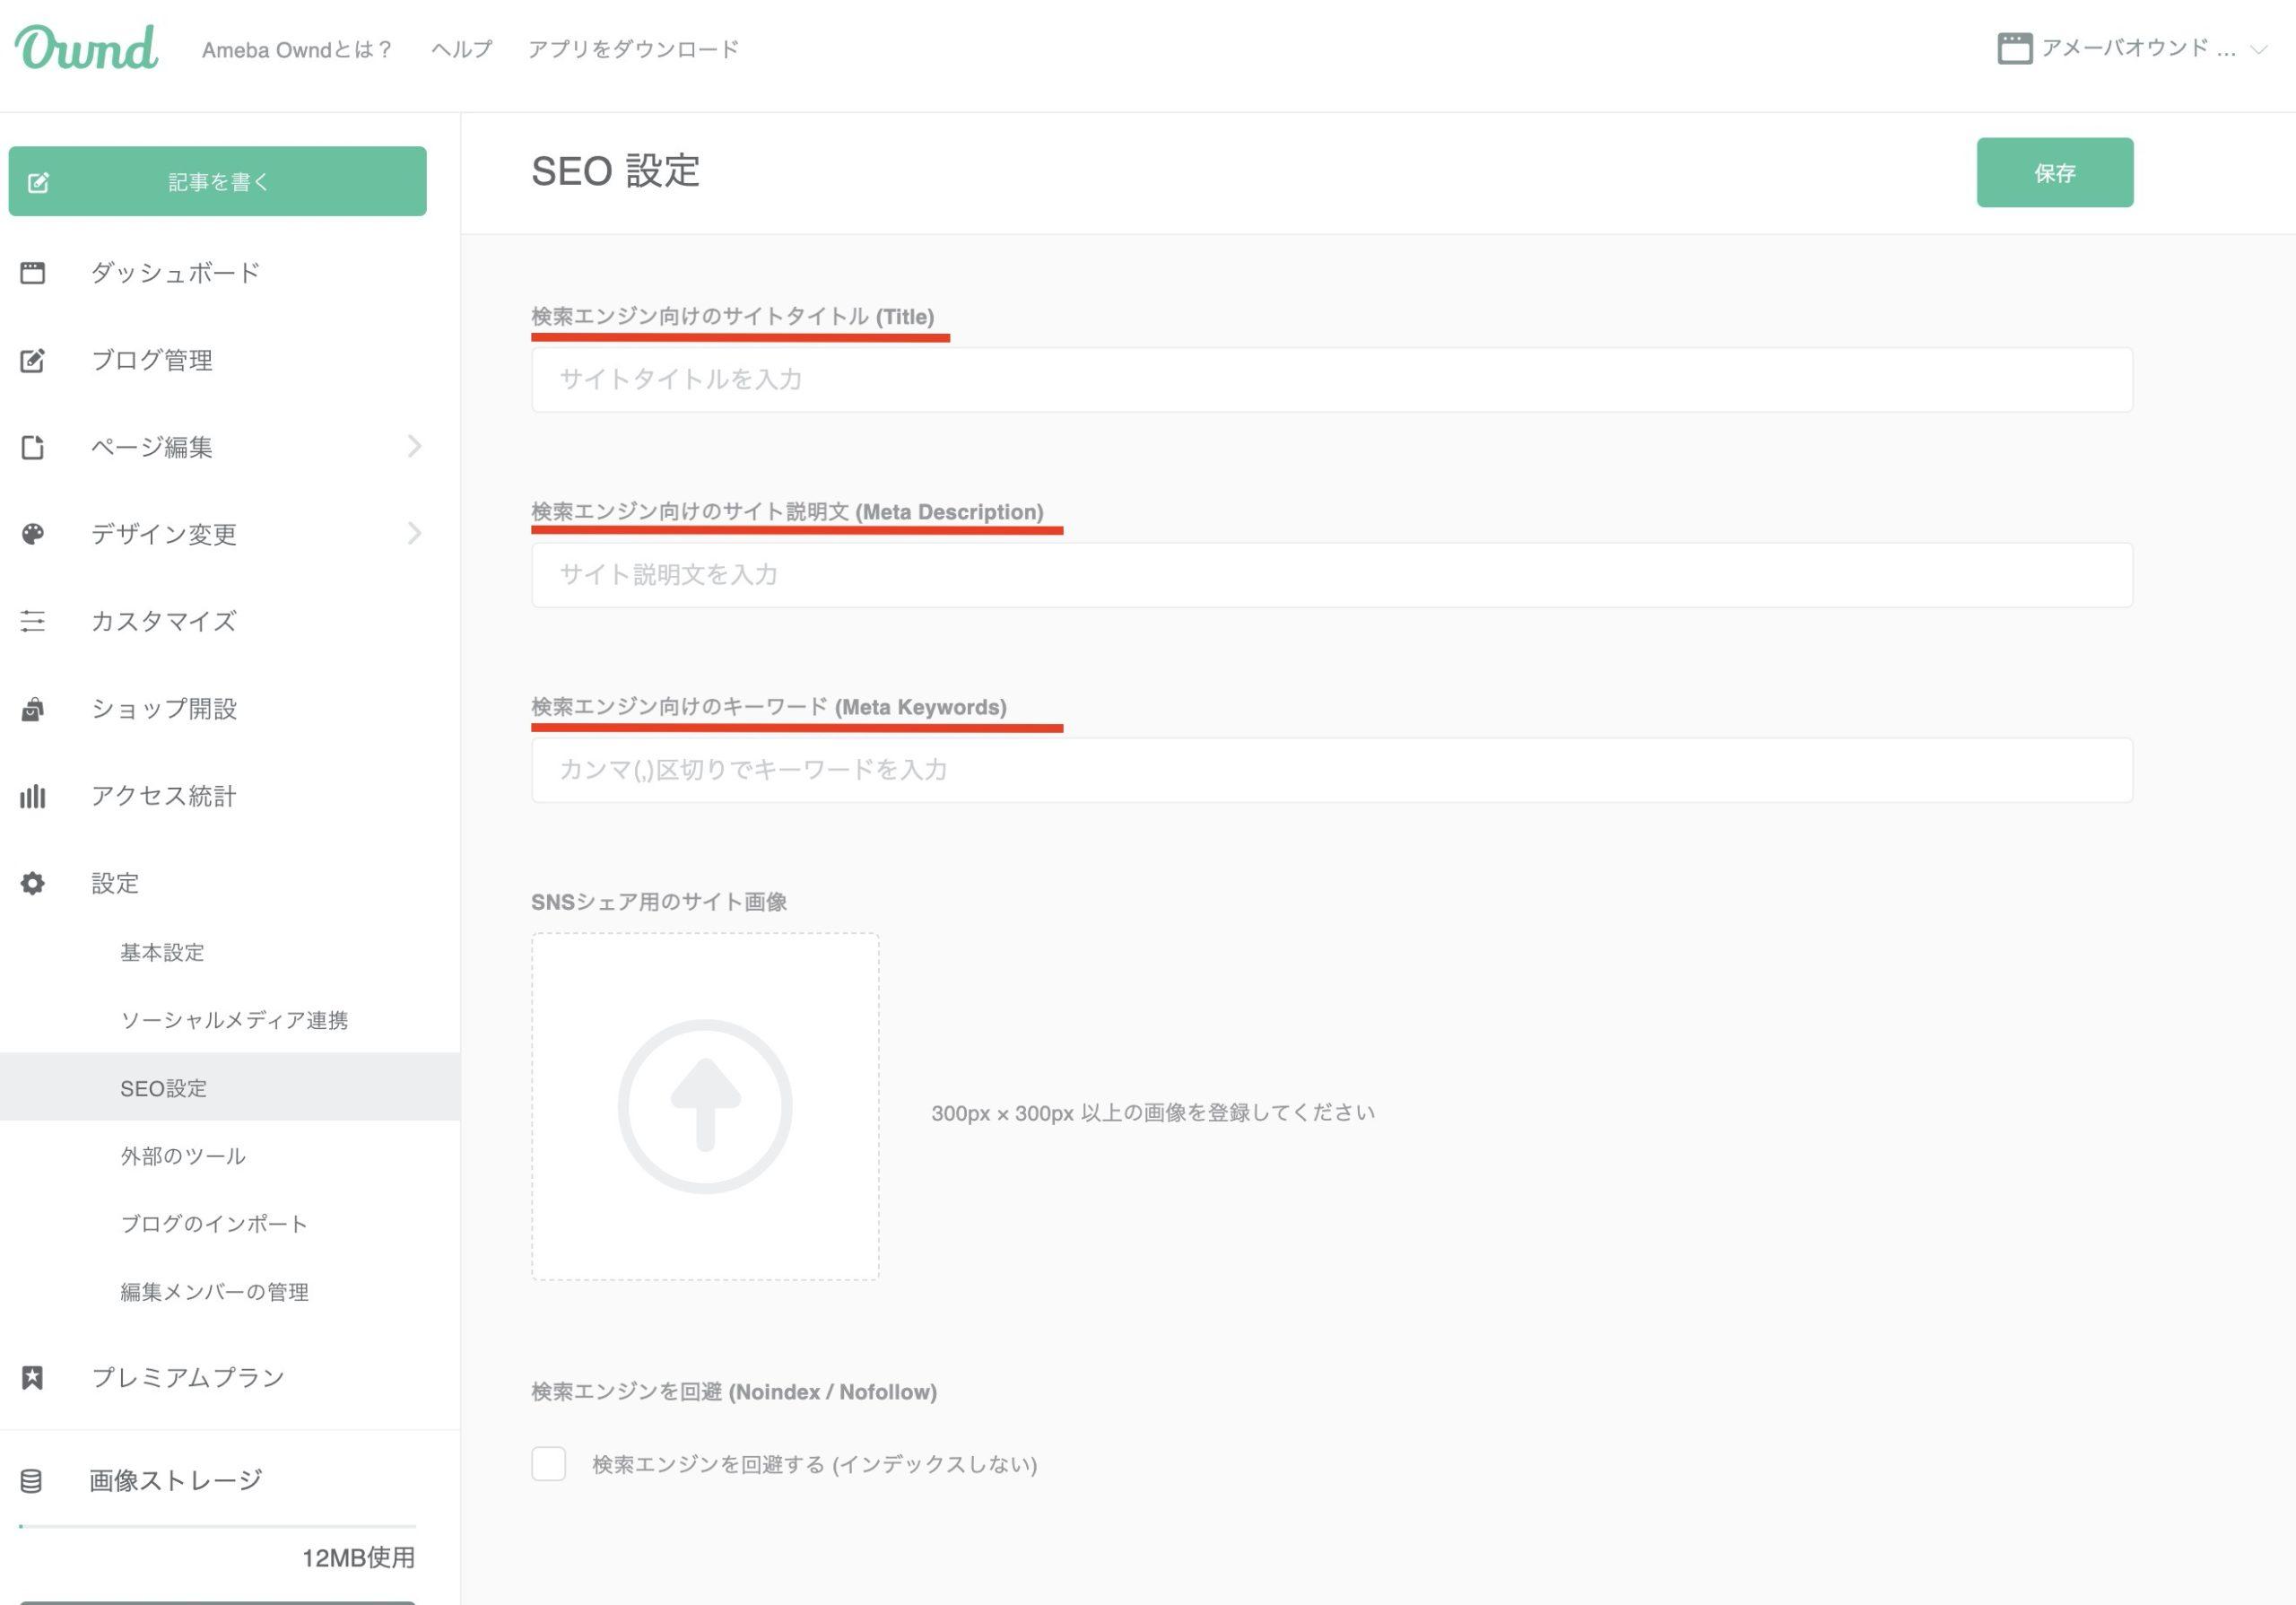 アメーバオウンドが検索されない時のSEO対策設定方法